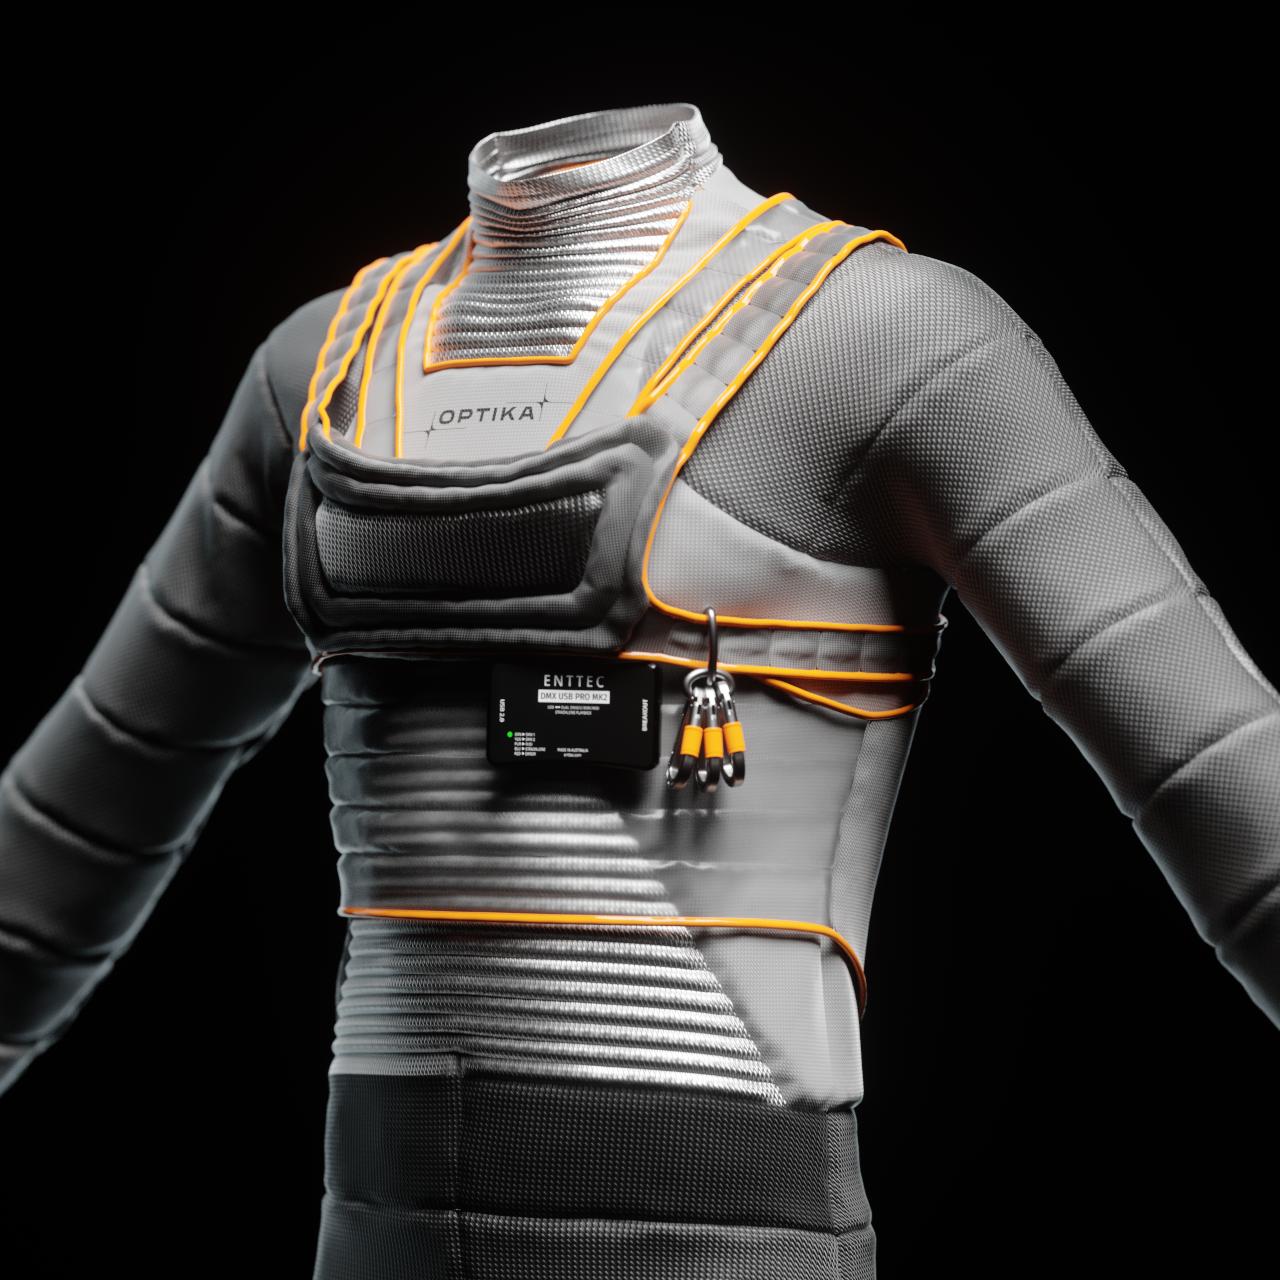 Optika_Suit_Side-1